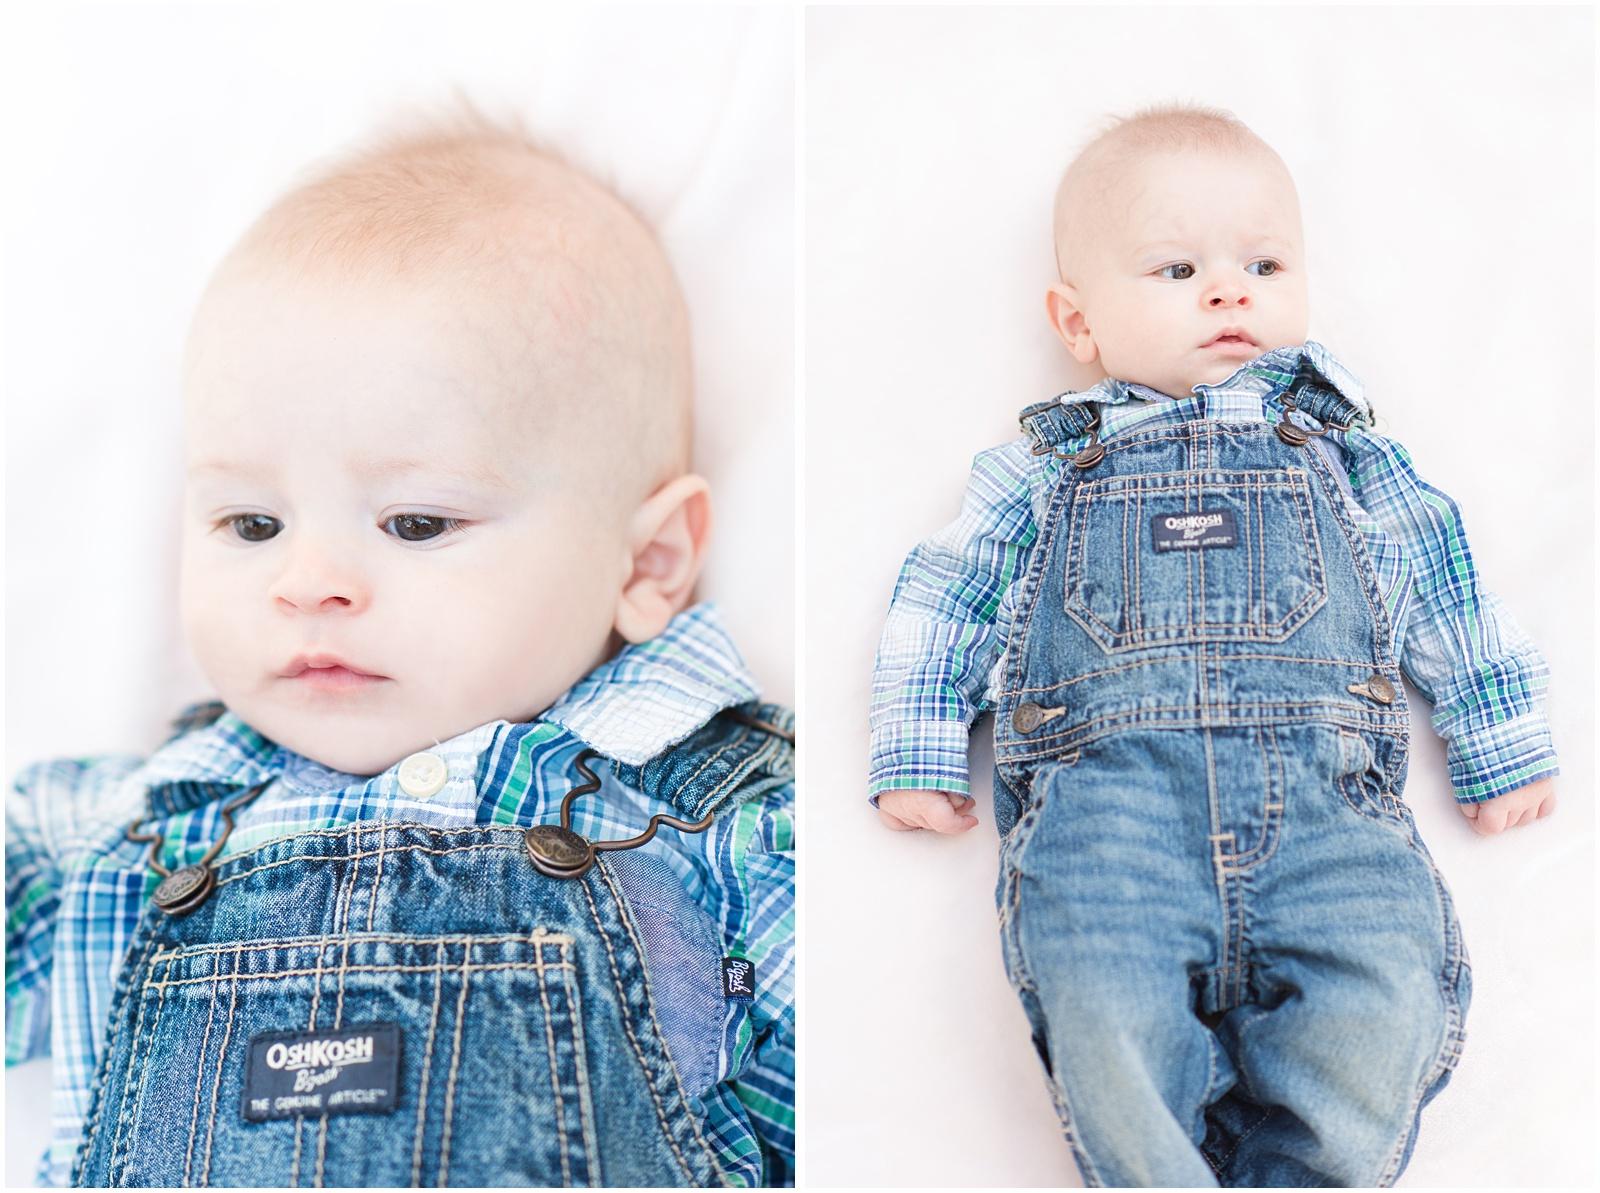 Newborn_Portraits_3 Months_Baby_Alpine Groves Park_2.jpg